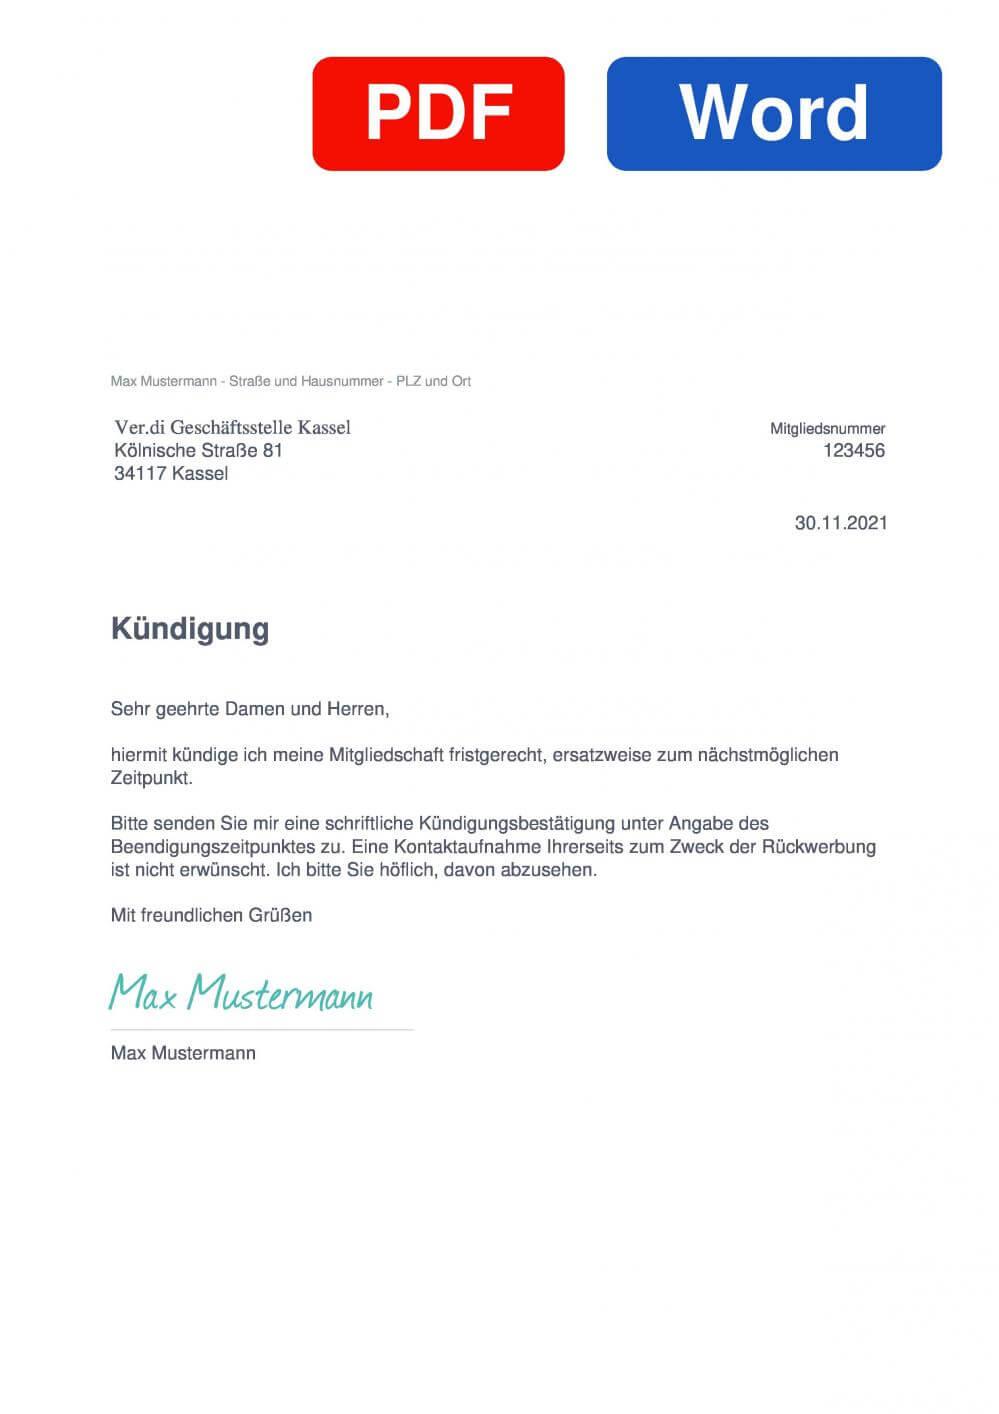 Verdi Kassel Muster Vorlage für Kündigungsschreiben